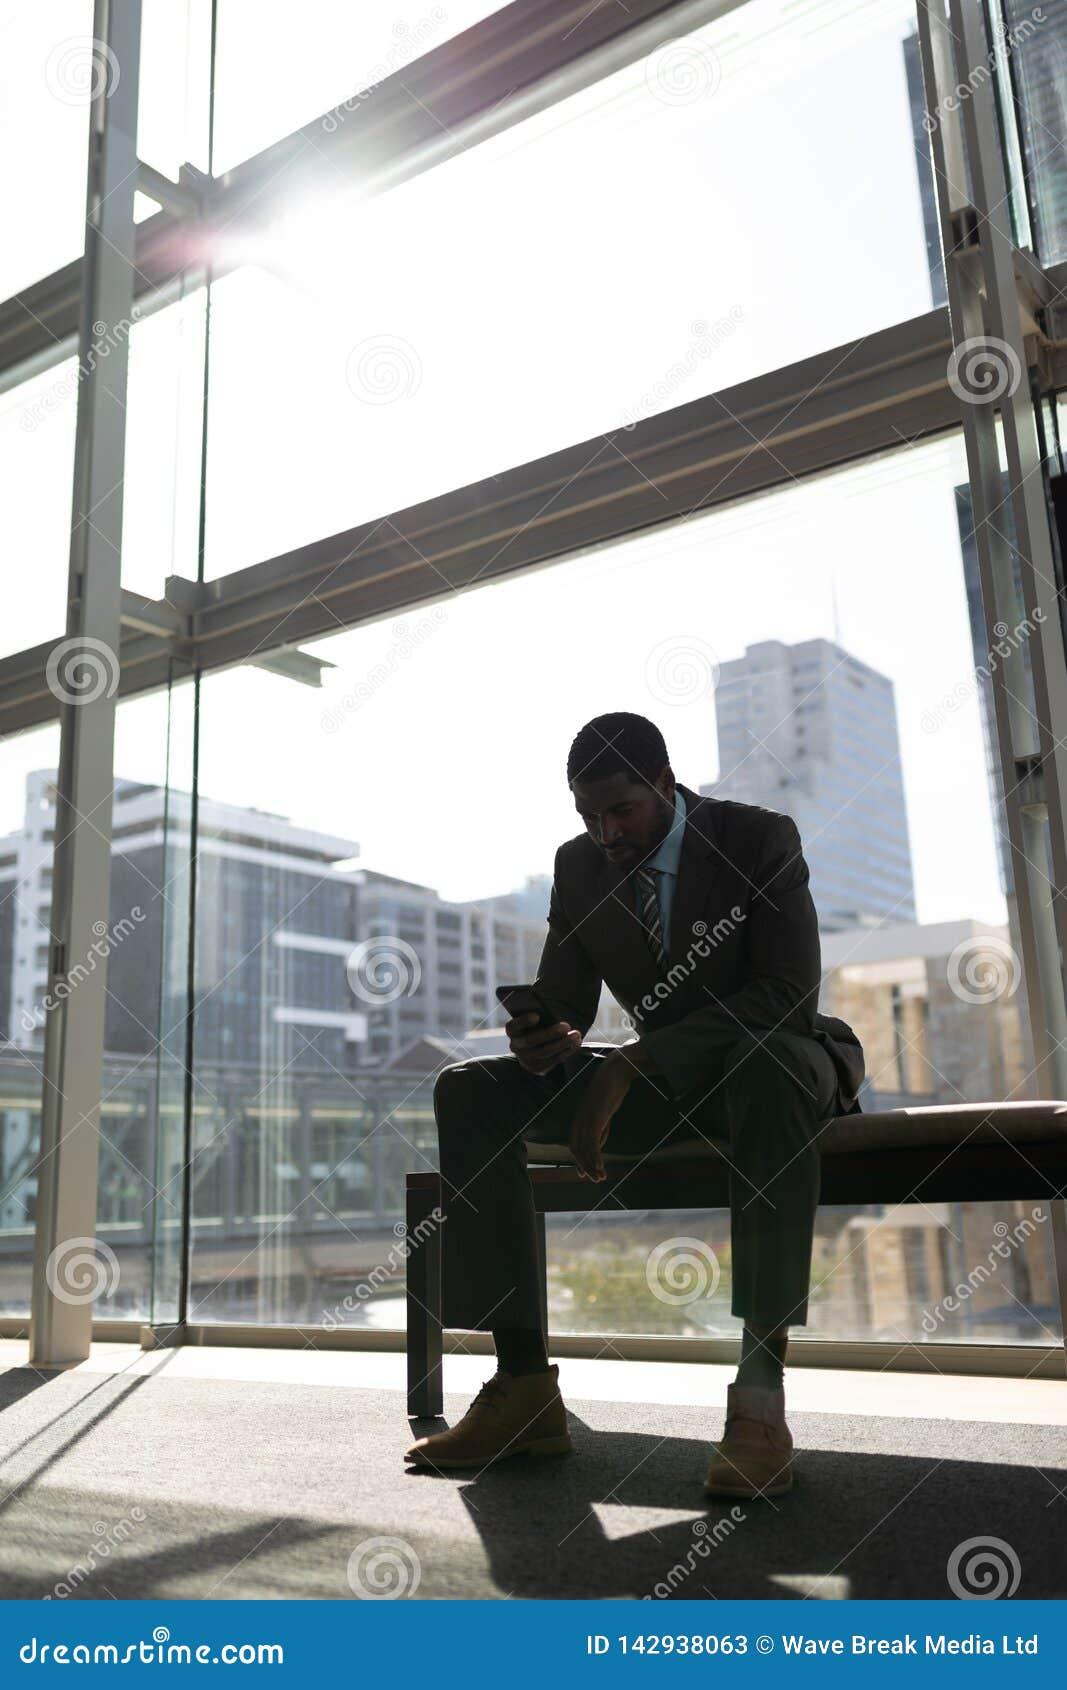 Συνεδρίαση επιχειρηματιών αφροαμερικάνων στον πάγκο και χρησιμοποίηση του κινητού τηλεφώνου στην αρχή